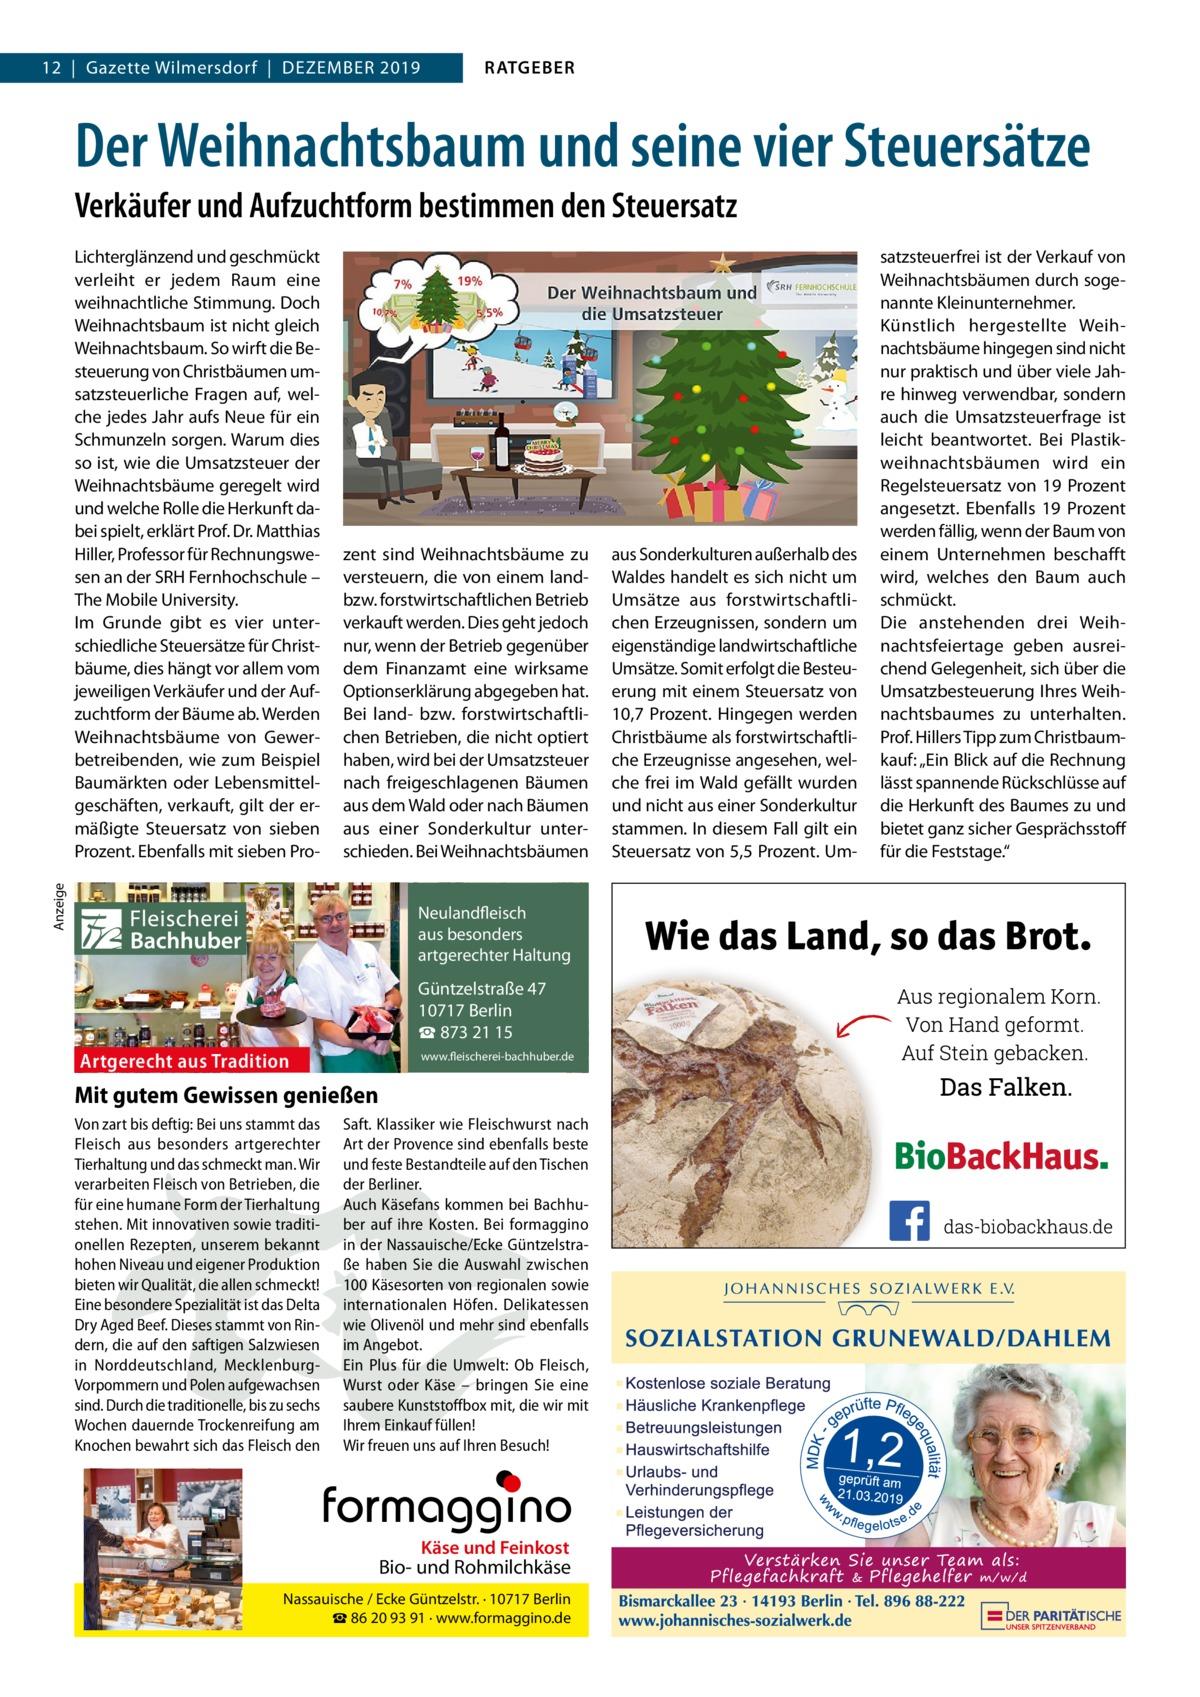 12 Gazette Wilmersdorf Dezember 2019  RATGEBER  Der Weihnachtsbaum und seine vier Steuersätze Verkäufer und Aufzuchtform bestimmen den Steuersatz  Anzeige  Lichterglänzend und geschmückt verleiht er jedem raum eine weihnachtliche Stimmung. Doch Weihnachtsbaum ist nicht gleich Weihnachtsbaum. So wirft die besteuerung von Christbäumen umsatzsteuerliche Fragen auf, welche jedes Jahr aufs Neue für ein Schmunzeln sorgen. Warum dies so ist, wie die Umsatzsteuer der Weihnachtsbäume geregelt wird und welche rolle die Herkunft dabei spielt, erklärt Prof.Dr.matthias Hiller, Professor für rechnungswesen an der SrH Fernhochschule – The mobile University. Im Grunde gibt es vier unterschiedliche Steuersätze für Christbäume, dies hängt vor allem vom jeweiligen Verkäufer und der Aufzuchtform der bäume ab. Werden Weihnachtsbäume von Gewerbetreibenden, wie zum beispiel baumärkten oder Lebensmittelgeschäften, verkauft, gilt der ermäßigte Steuersatz von sieben Prozent. ebenfalls mit sieben Pro zent sind Weihnachtsbäume zu versteuern, die von einem landbzw. forstwirtschaftlichen betrieb verkauft werden. Dies geht jedoch nur, wenn der betrieb gegenüber dem Finanzamt eine wirksame Optionserklärung abgegeben hat. bei land- bzw. forstwirtschaftlichen betrieben, die nicht optiert haben, wird bei der Umsatzsteuer nach freigeschlagenen bäumen aus dem Wald oder nach bäumen aus einer Sonderkultur unterschieden. bei Weihnachtsbäumen  Fleischerei Bachhuber  Neulandfleisch Artgerecht aus besonders ition. artgerechter Haltung aus Trad  Güntzelstraße 47 10717 Berlin ☎ 873 21 15  Artgerecht aus Tradition  www.fleischerei-bachhuber.de  Mit gutem Gewissen genießen Von zart bis deftig: Bei uns stammt das Saft. Klassiker wie Fleischwurst nach Fleisch aus besonders artgerechter Art der Provence sind ebenfalls beste Käse undauf Feinkost Tierhaltung und das schmeckt man. Wir und feste Bestandteile den Tischen Bio- und Rohmilchkäse verarbeiten Fleisch von Betrieben, die der Berliner. für eine humane Form der 